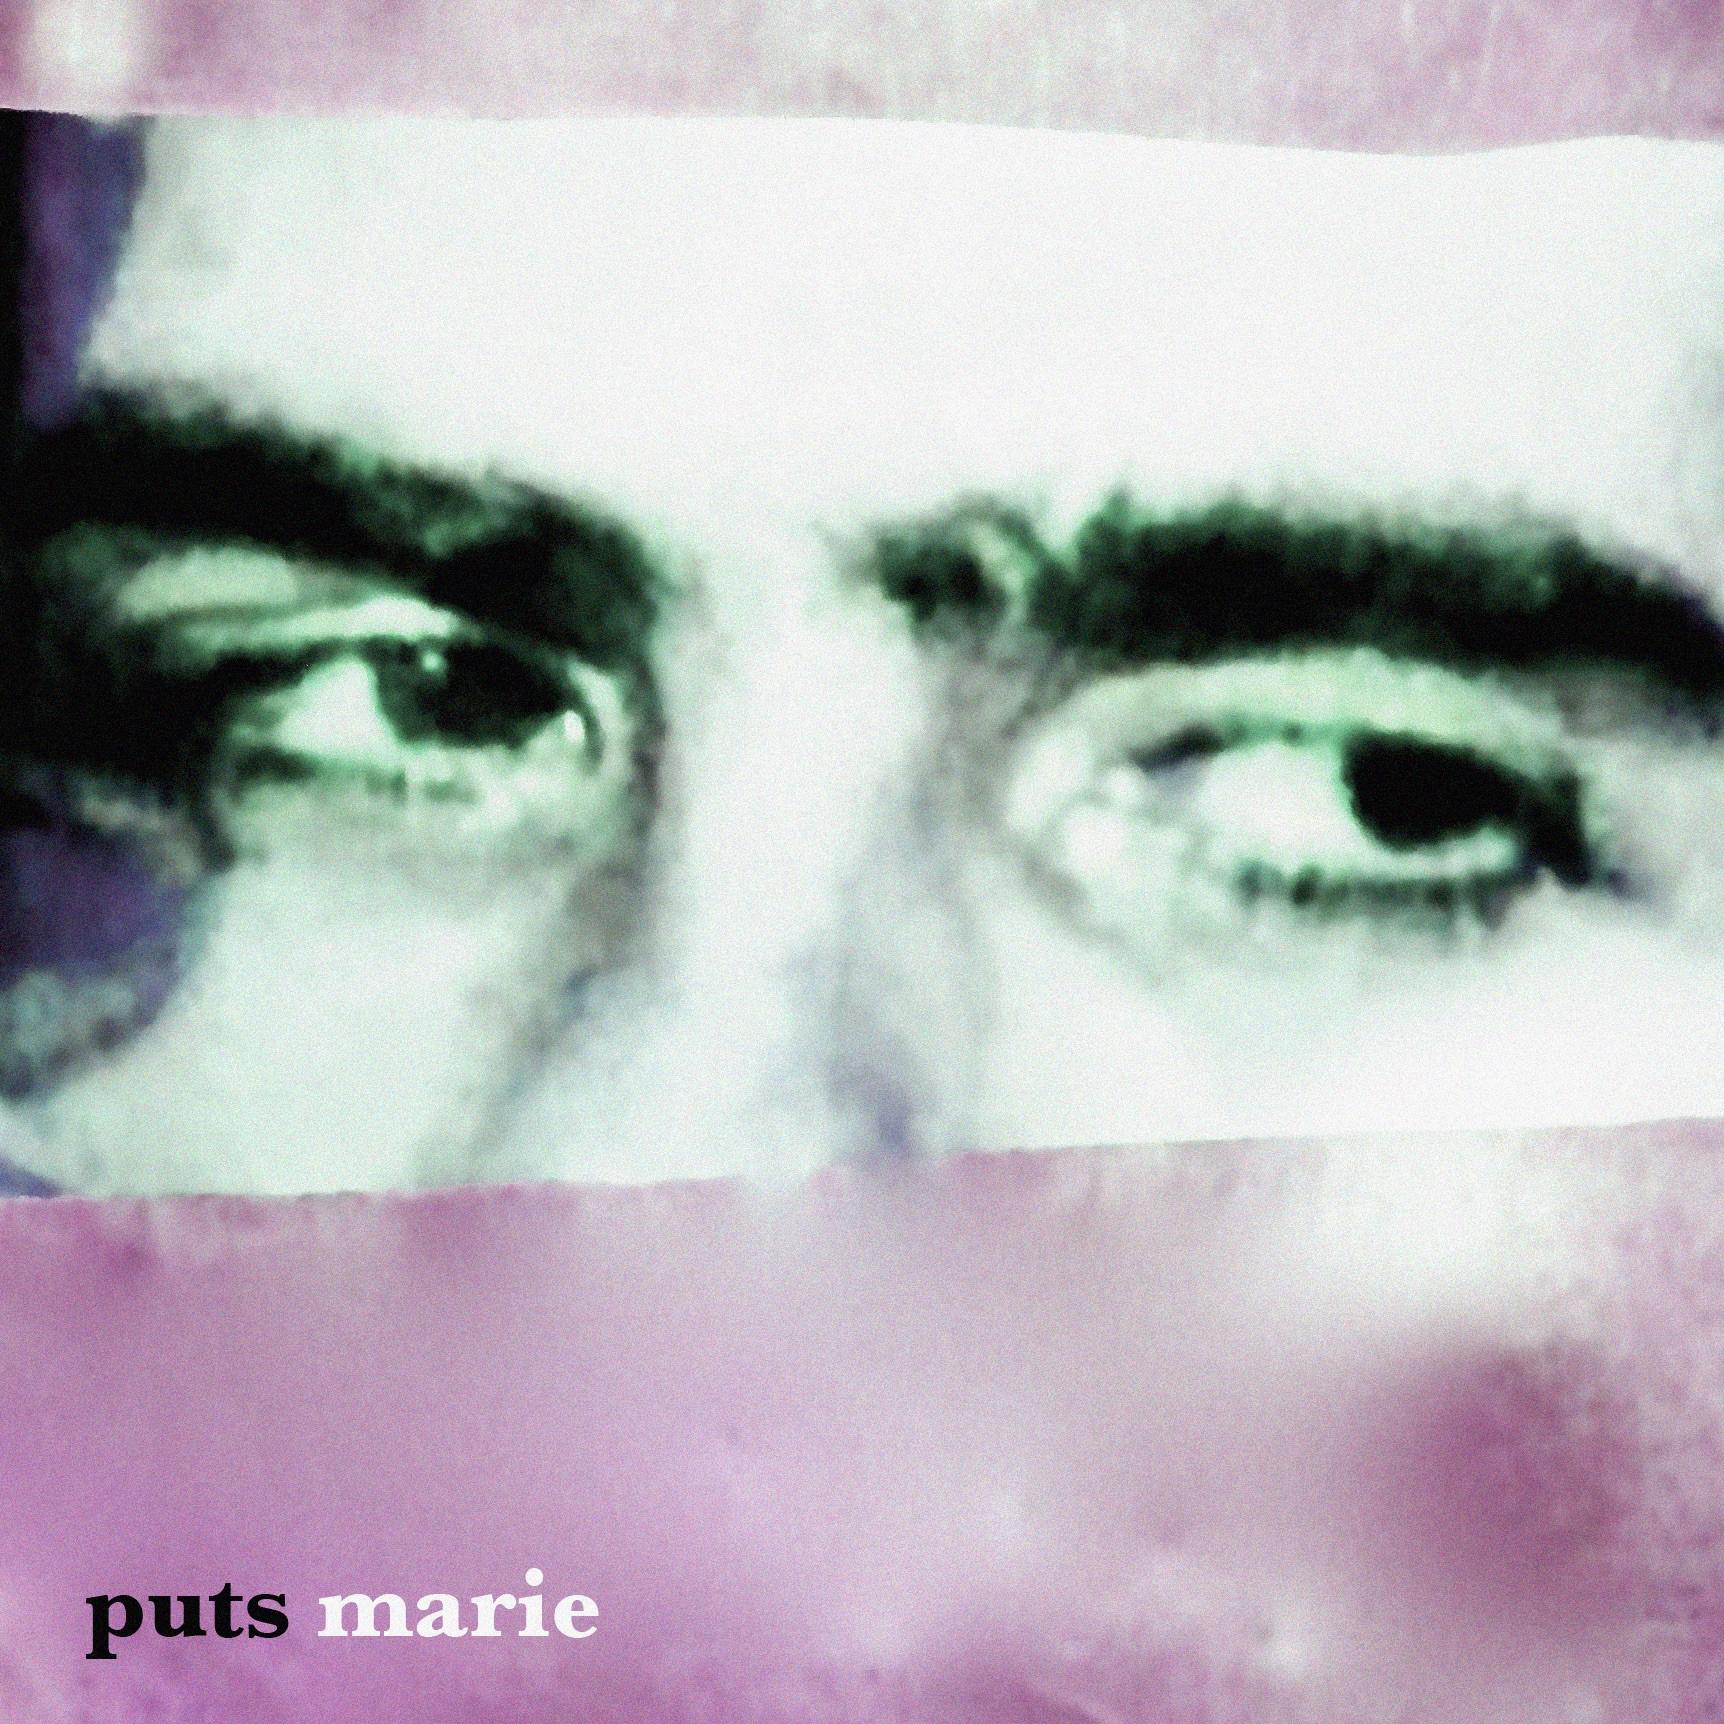 PUTS MARIE – Pornstar